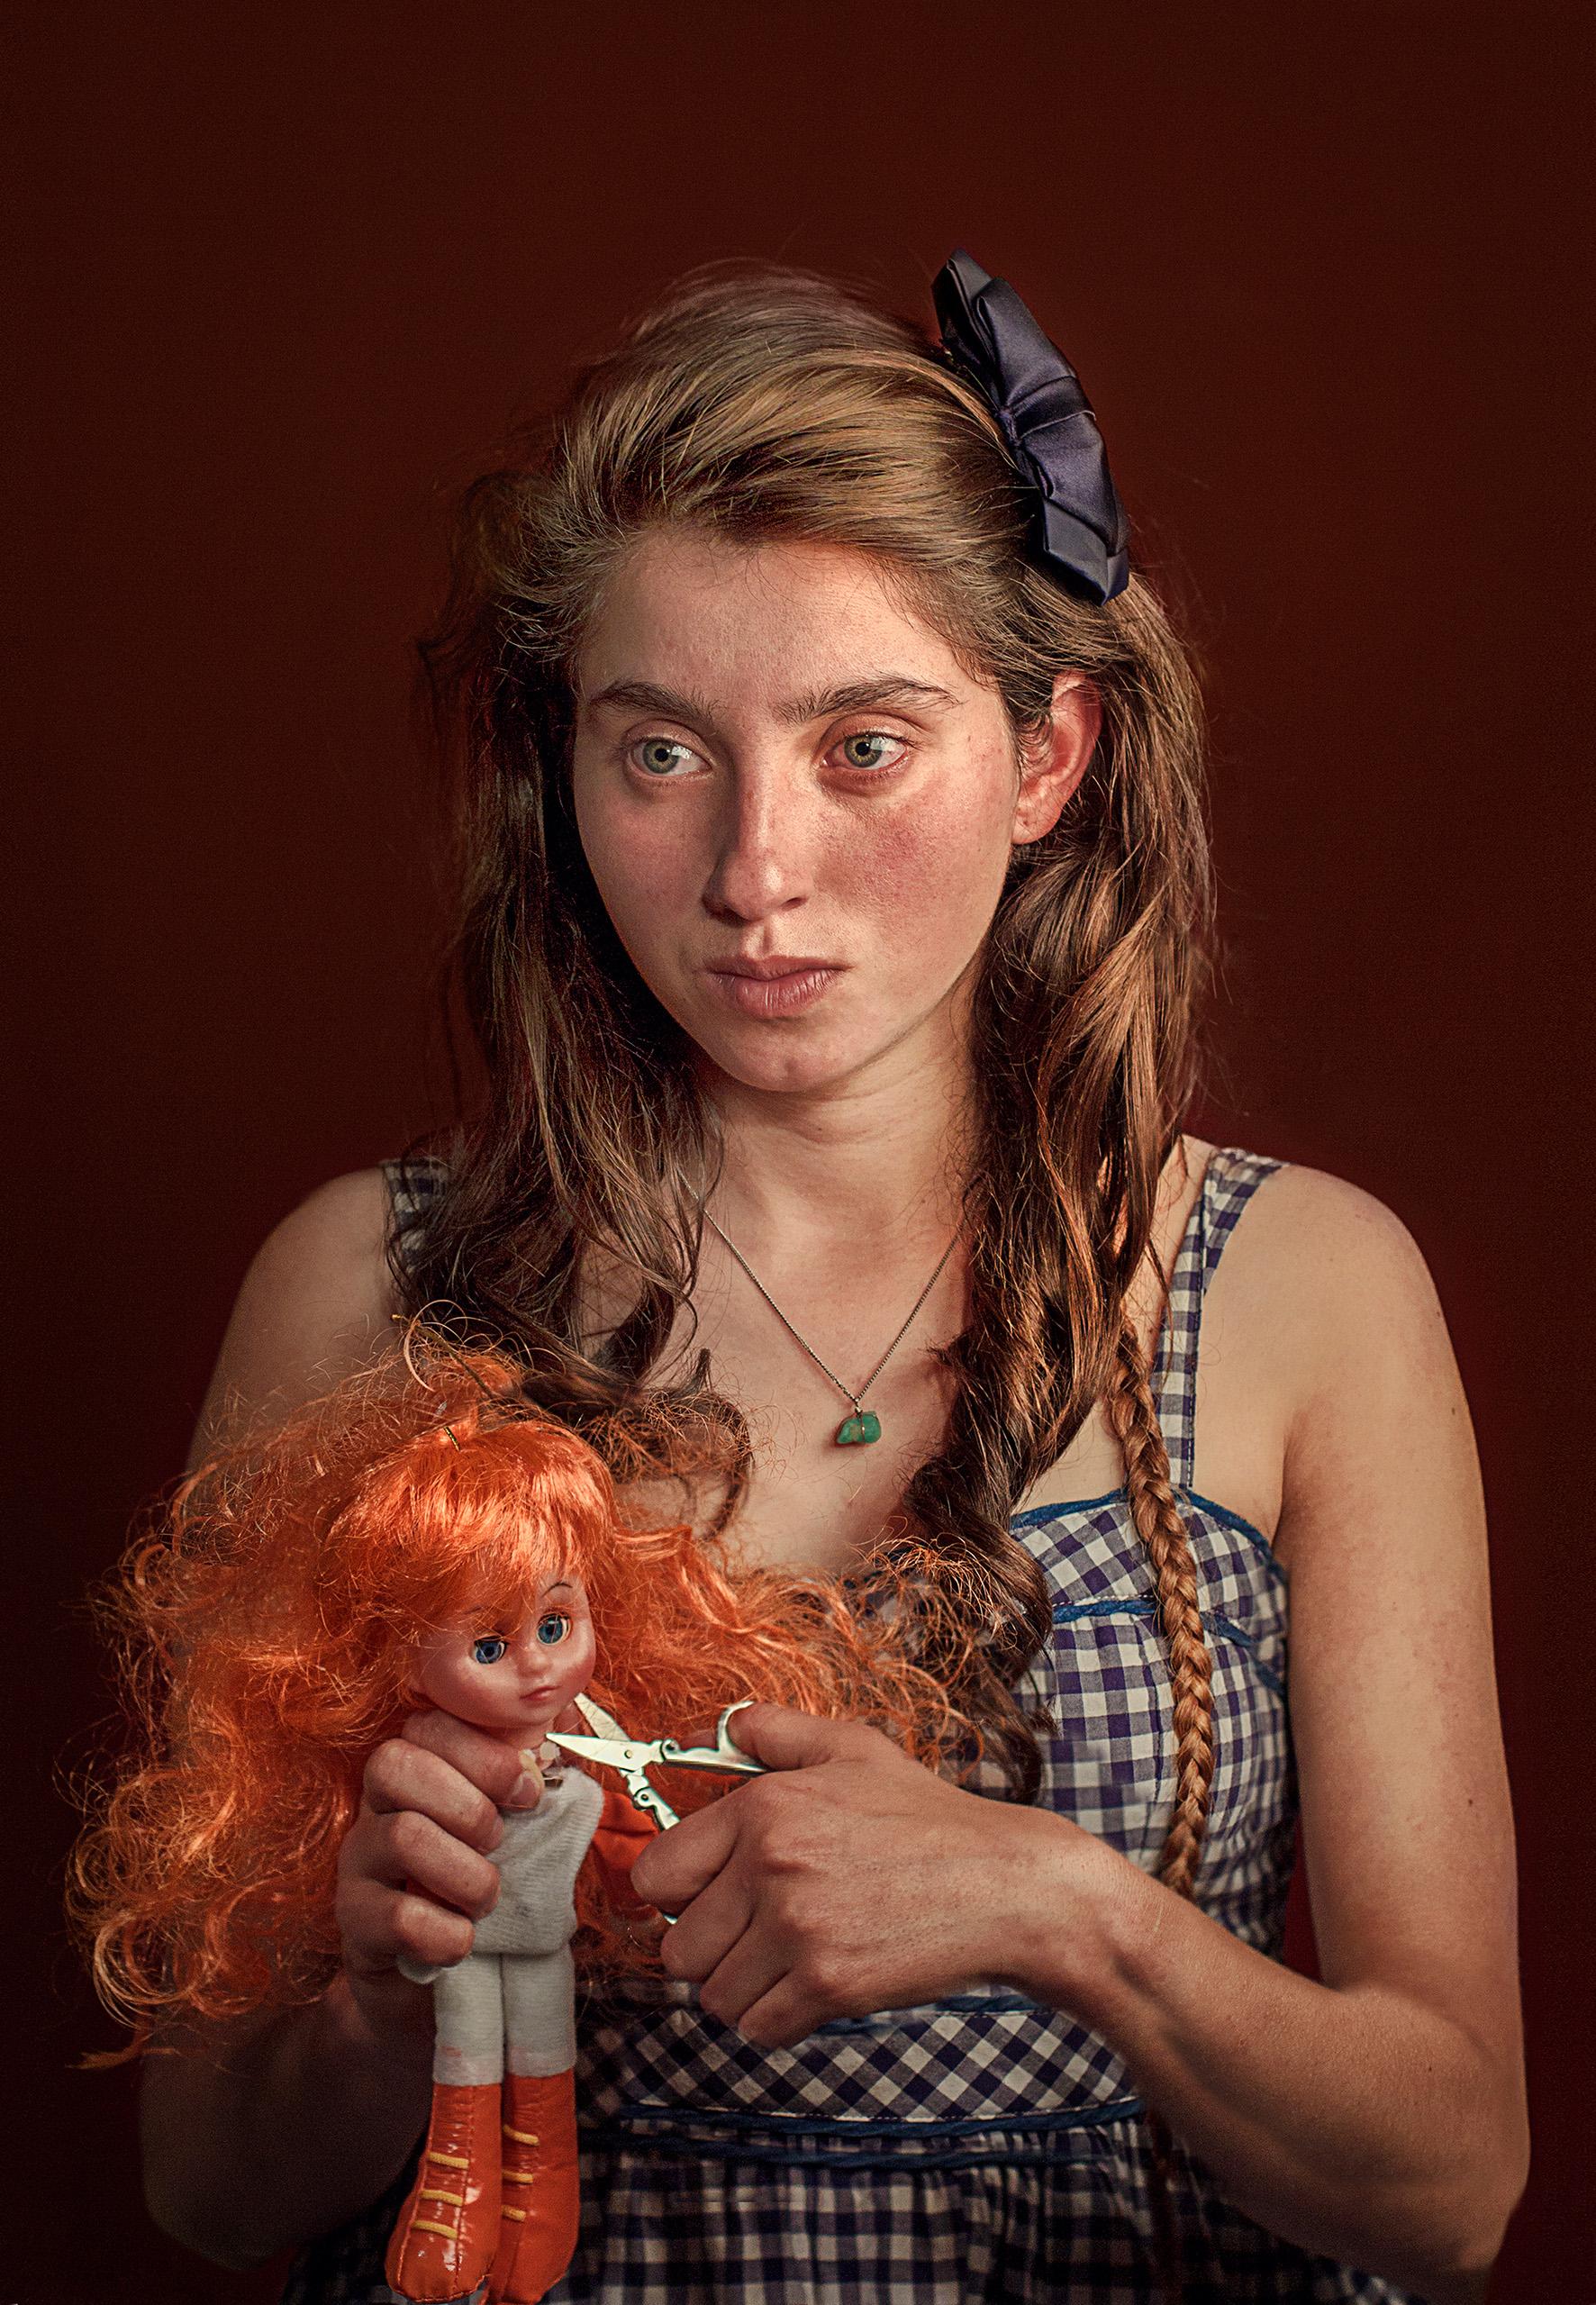 La muñeca y sus tijeras.jpg